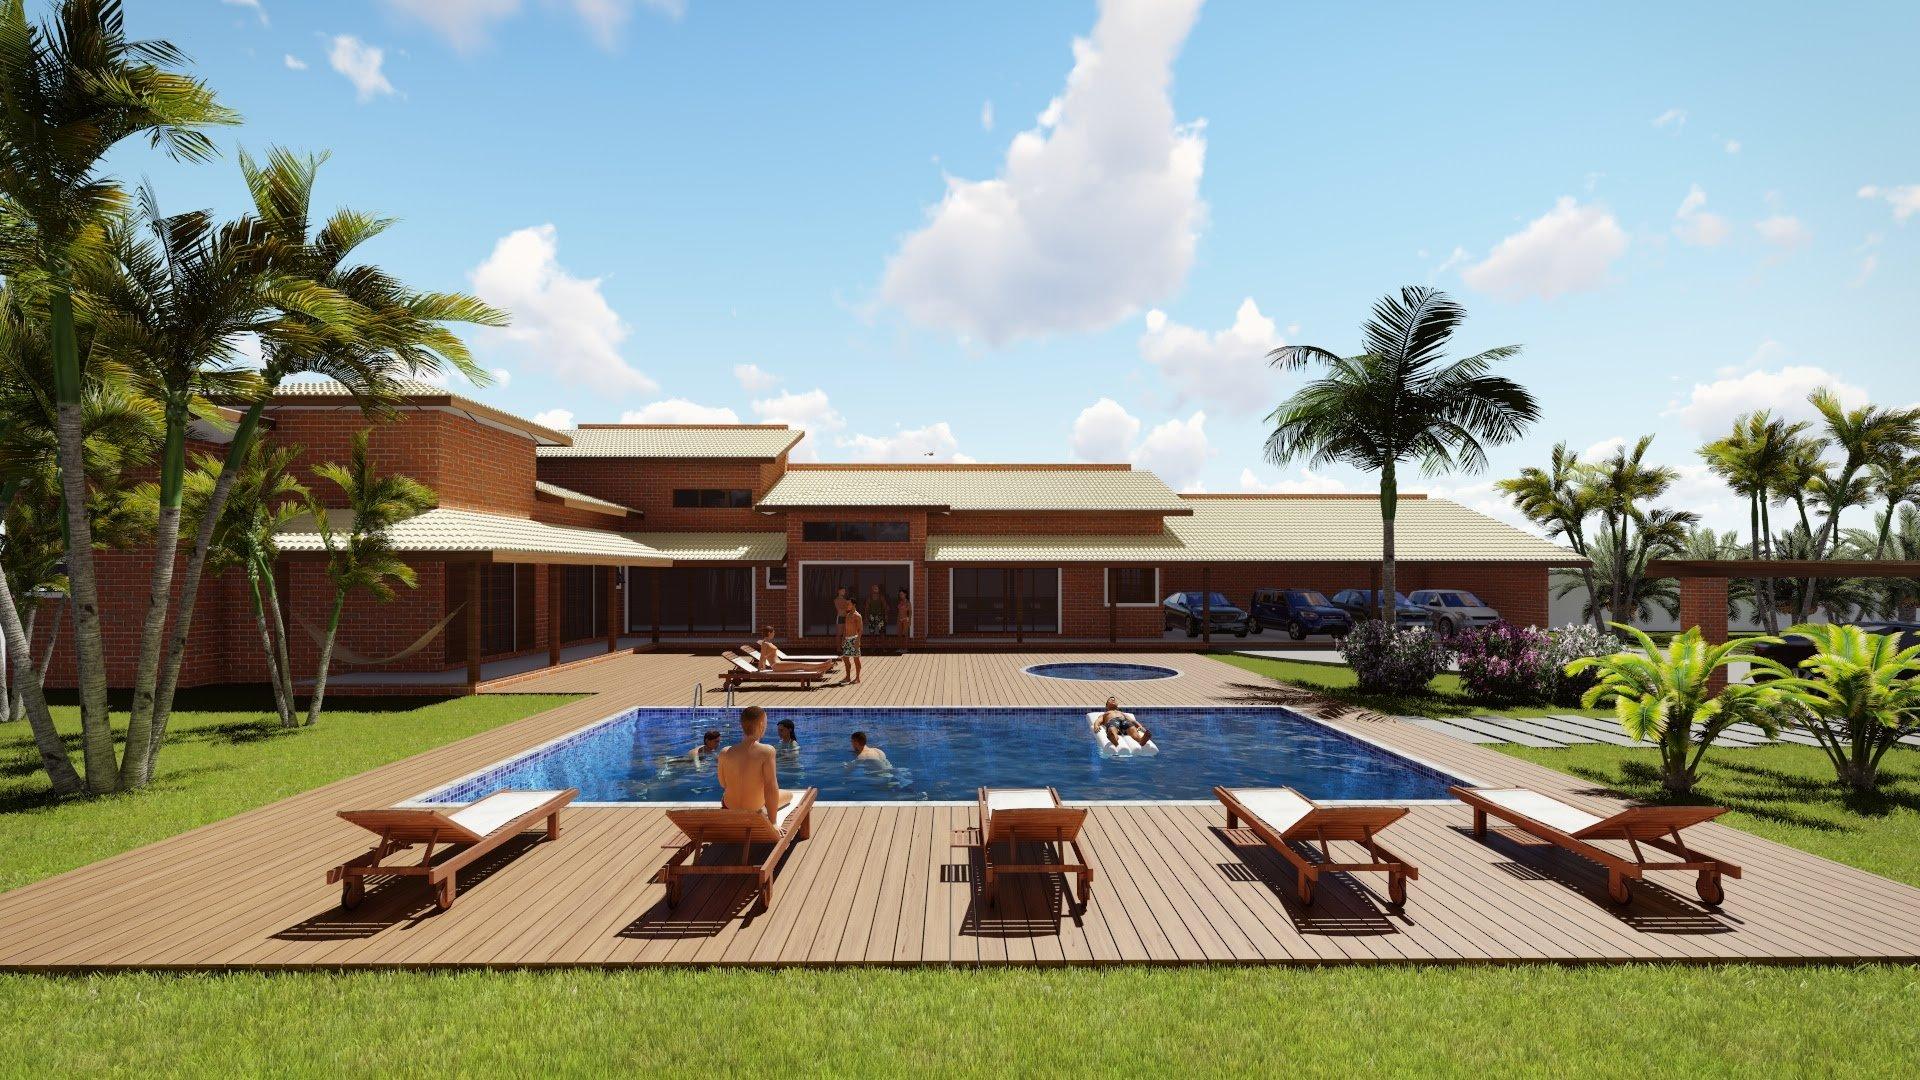 Casa de campo veja mais de 60 fotos incr veis for Modelos de piscinas de campo